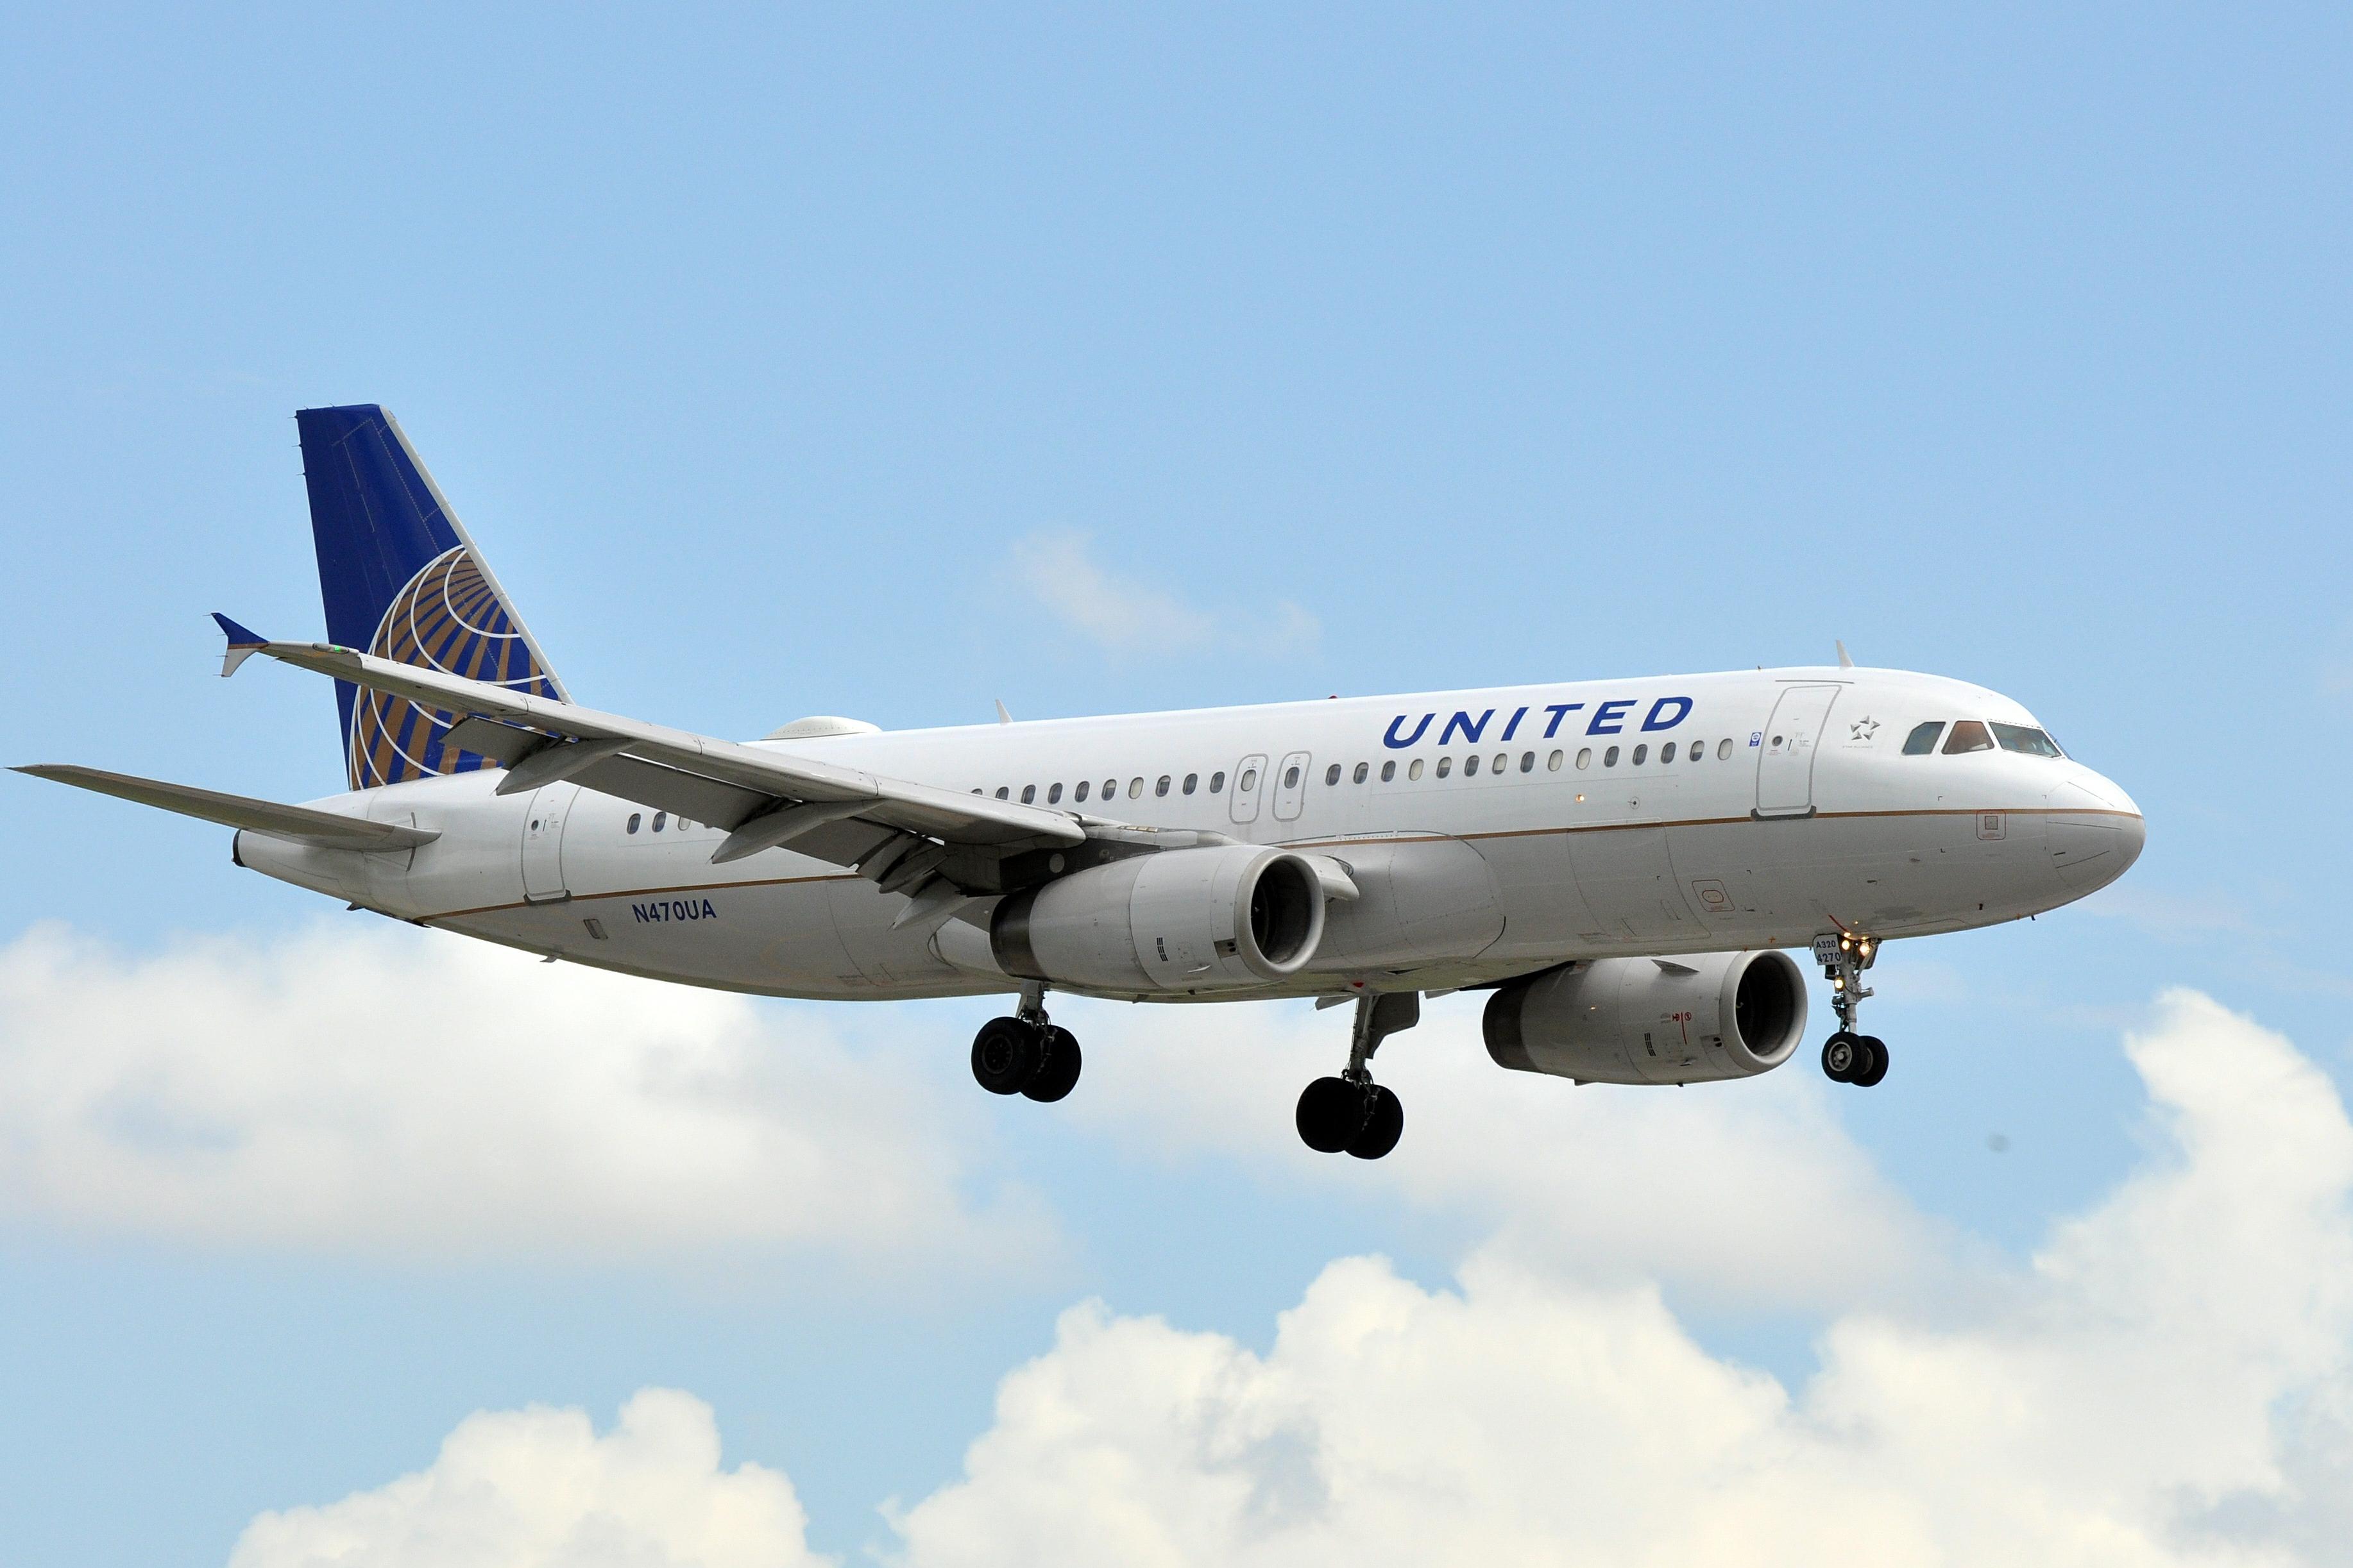 Resultado de imagen para Airbus A320 United fleet